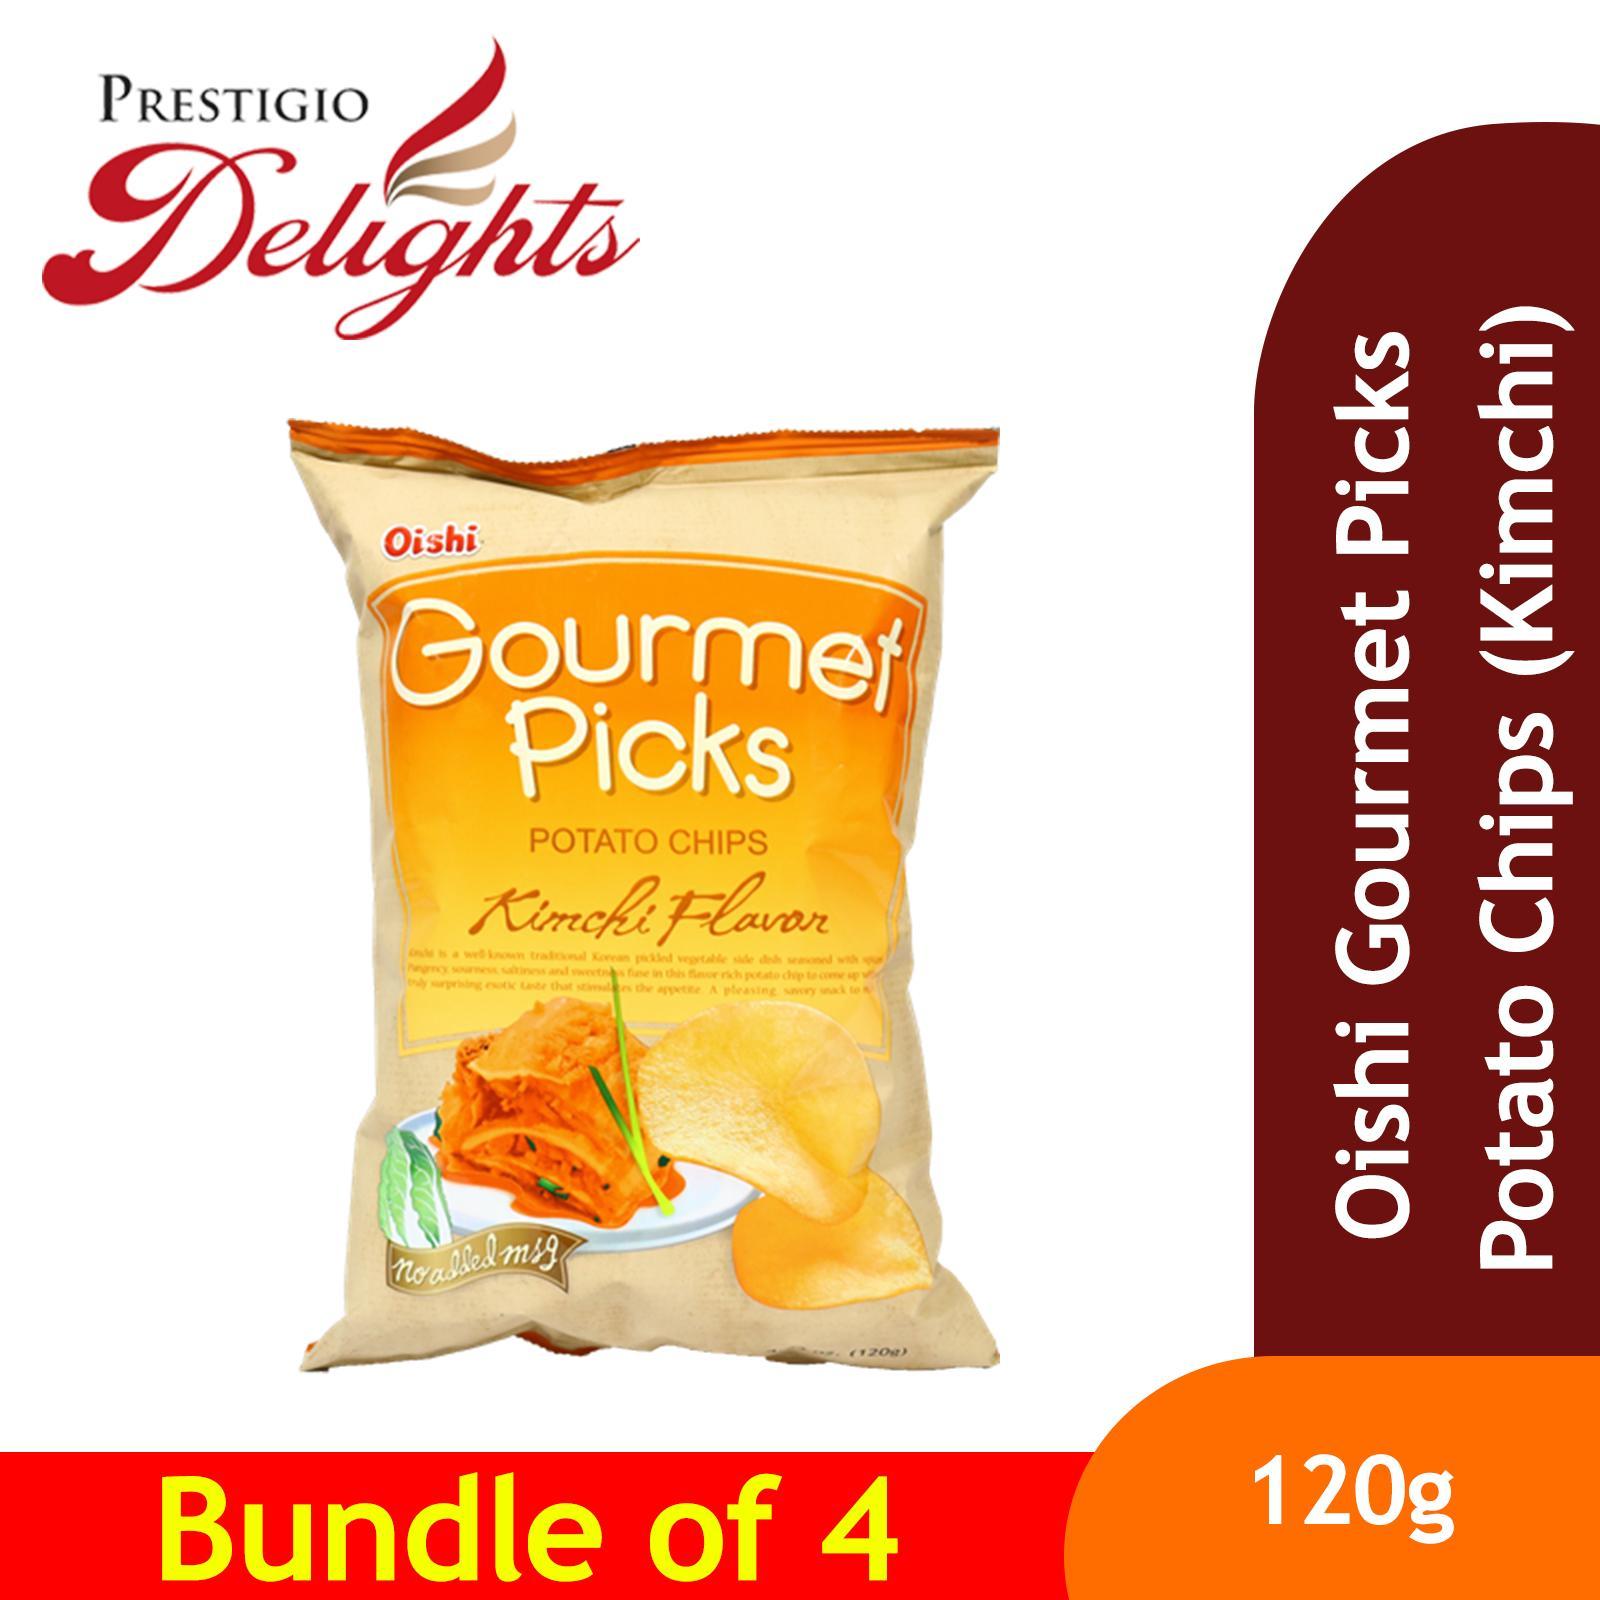 Oishi Gourmet Picks Potato Chips (kimchi) 120g Bundle Of 4 By Prestigio Delights.